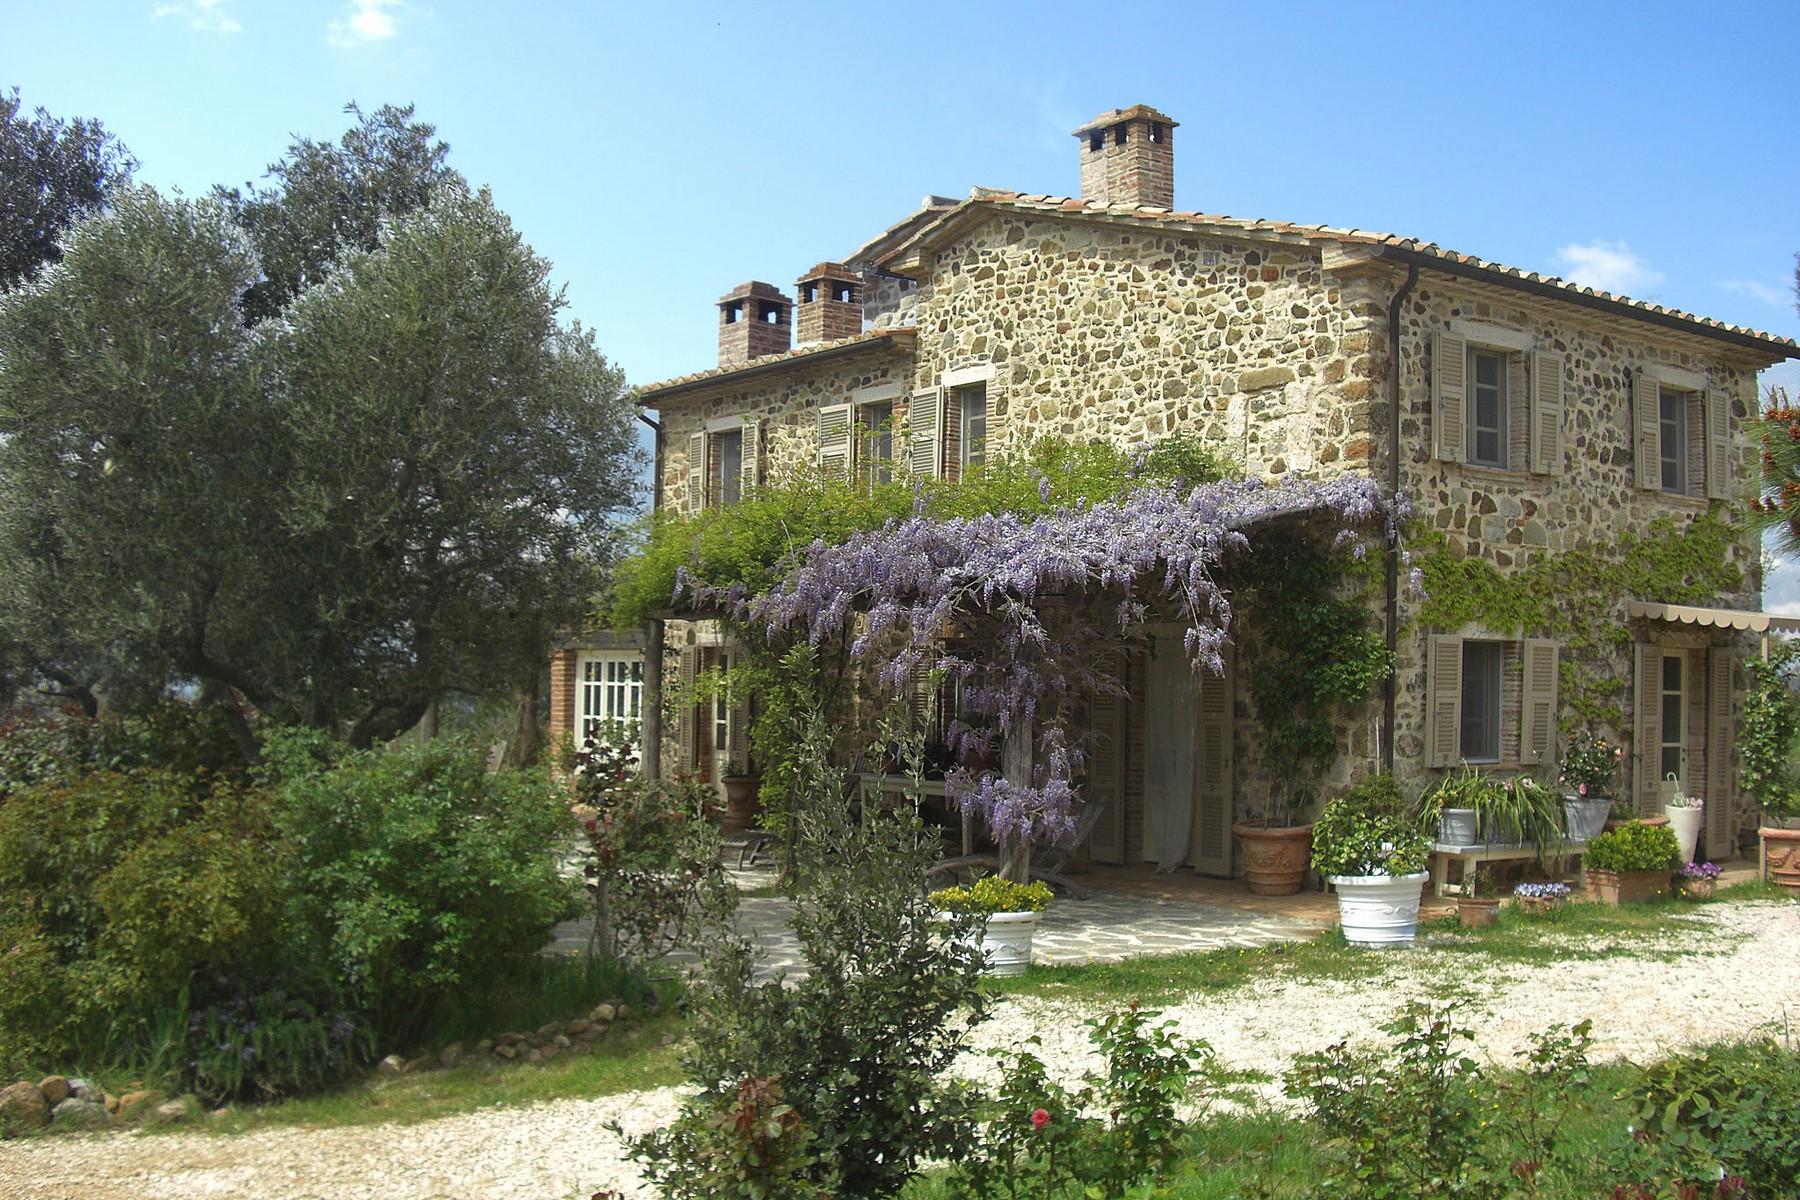 Rustico in Vendita a Manciano: 5 locali, 180 mq - Foto 2